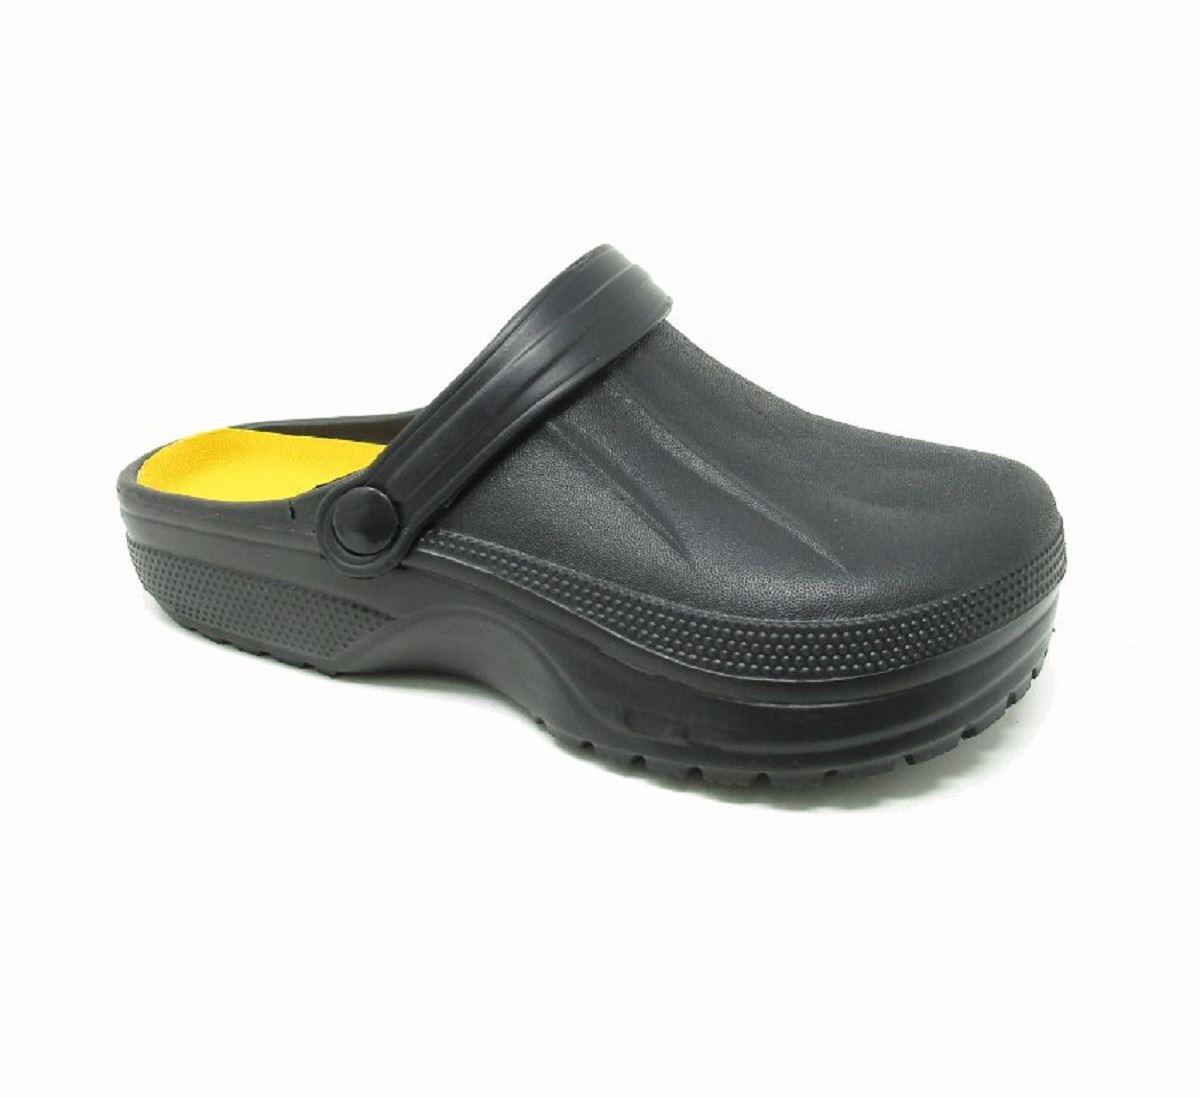 Womens-Clogs-Mules-Slipper-Nursing-Garden-Beach-Sandals-Hospital-Rubber-Shoes miniatura 7